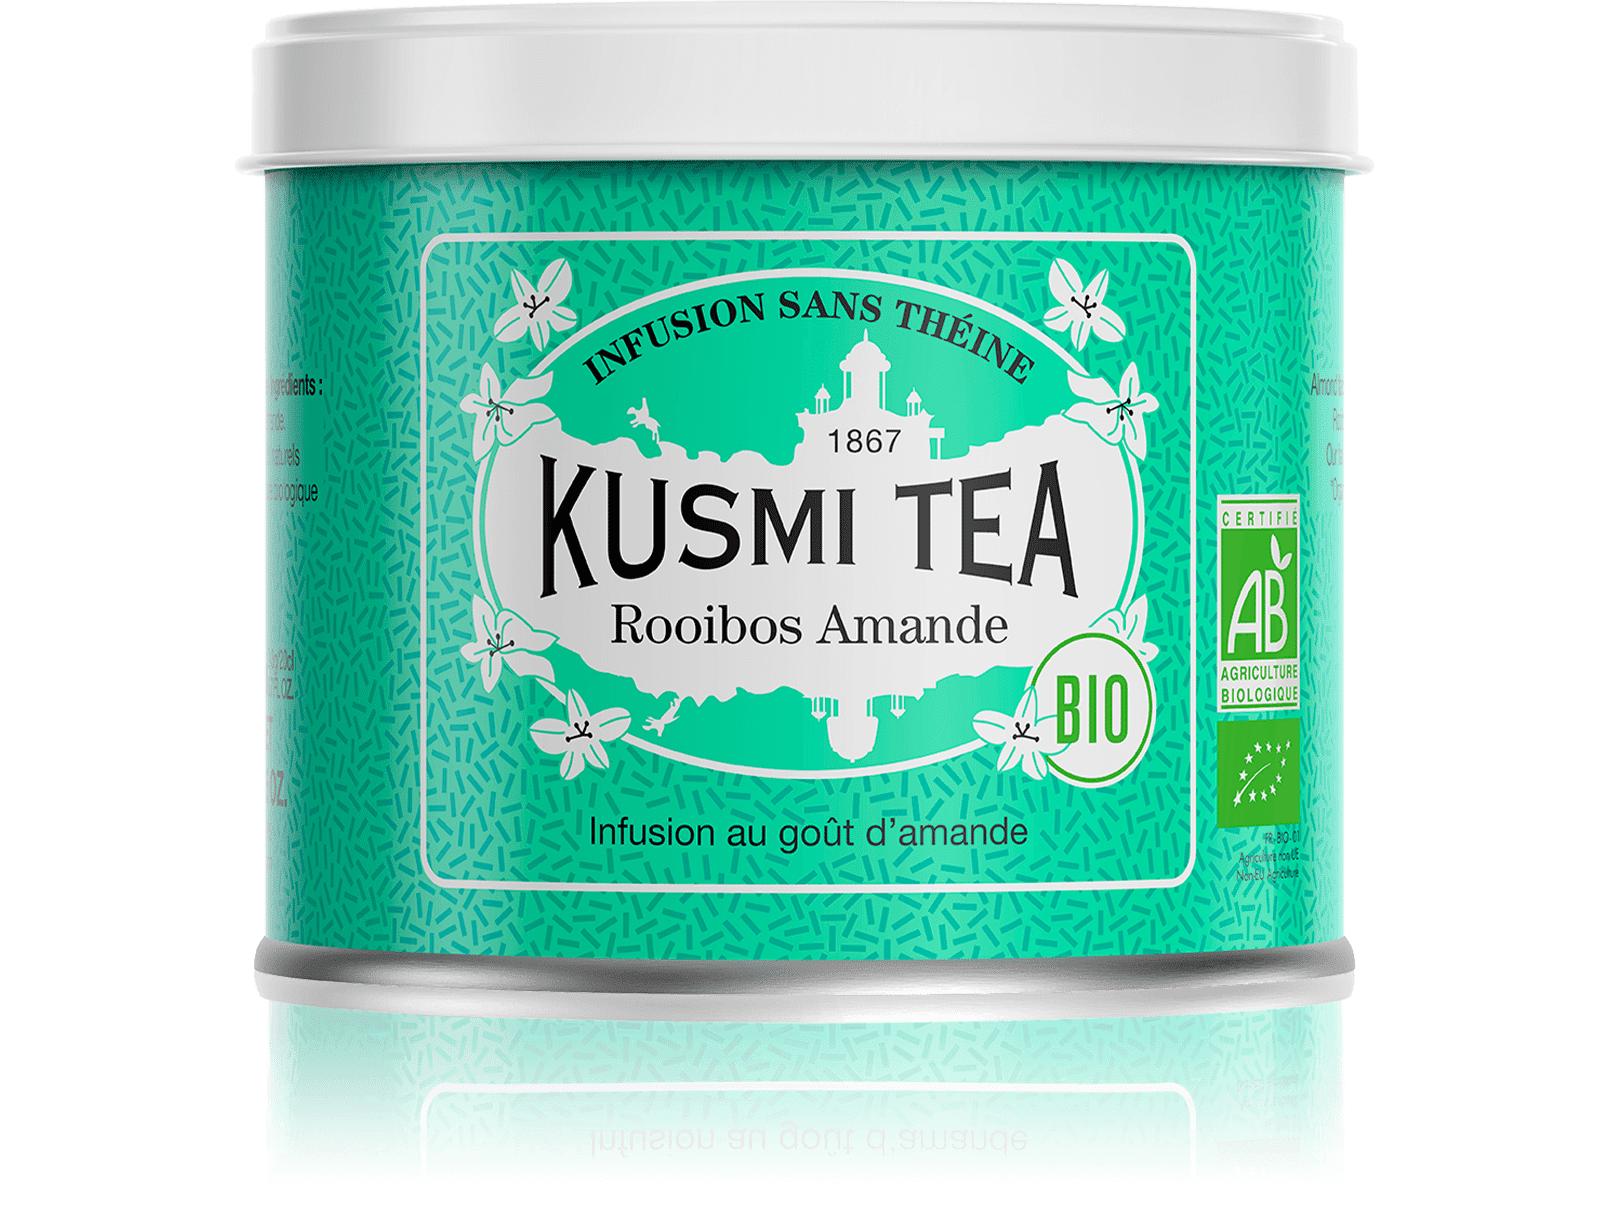 KUSMI TEA Rooibos Amande (Infusion bio)  Kusmi Tea